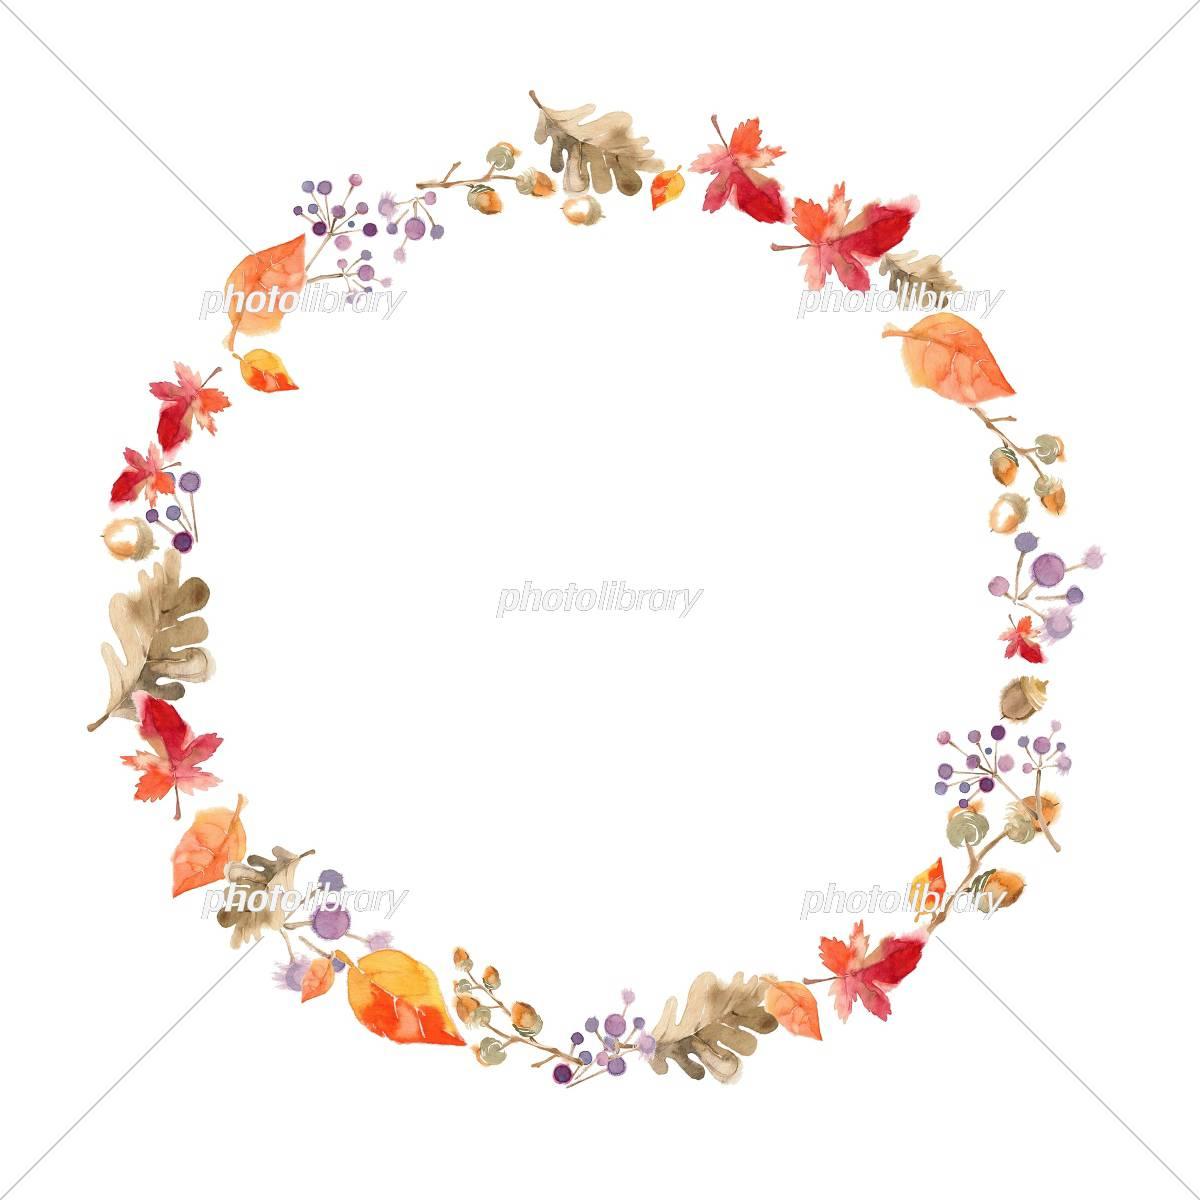 秋の森 フレーム イラスト素材 [ 5102586 ] - フォトライブラリー